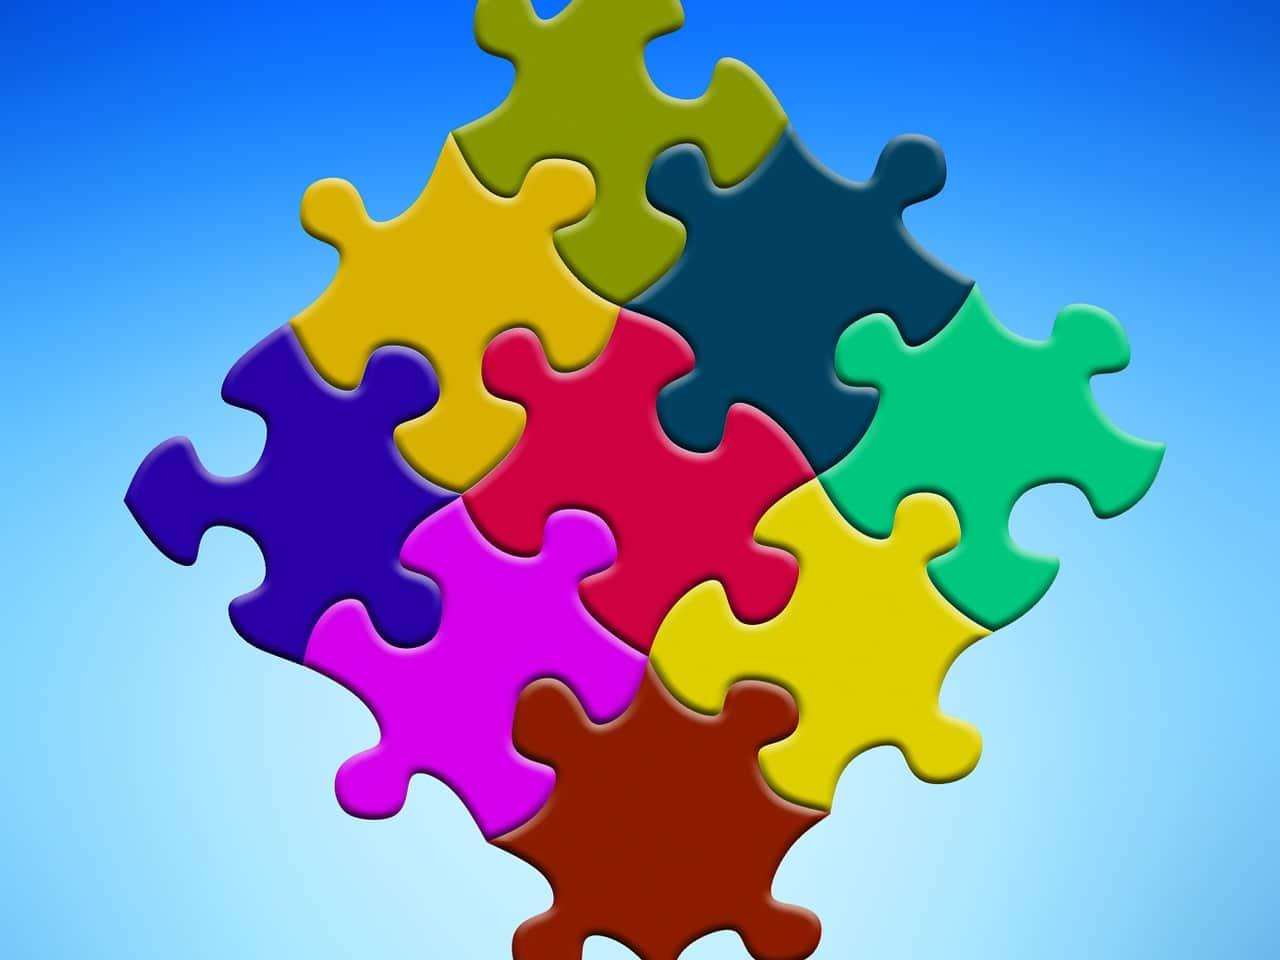 puzzle 210785 1280